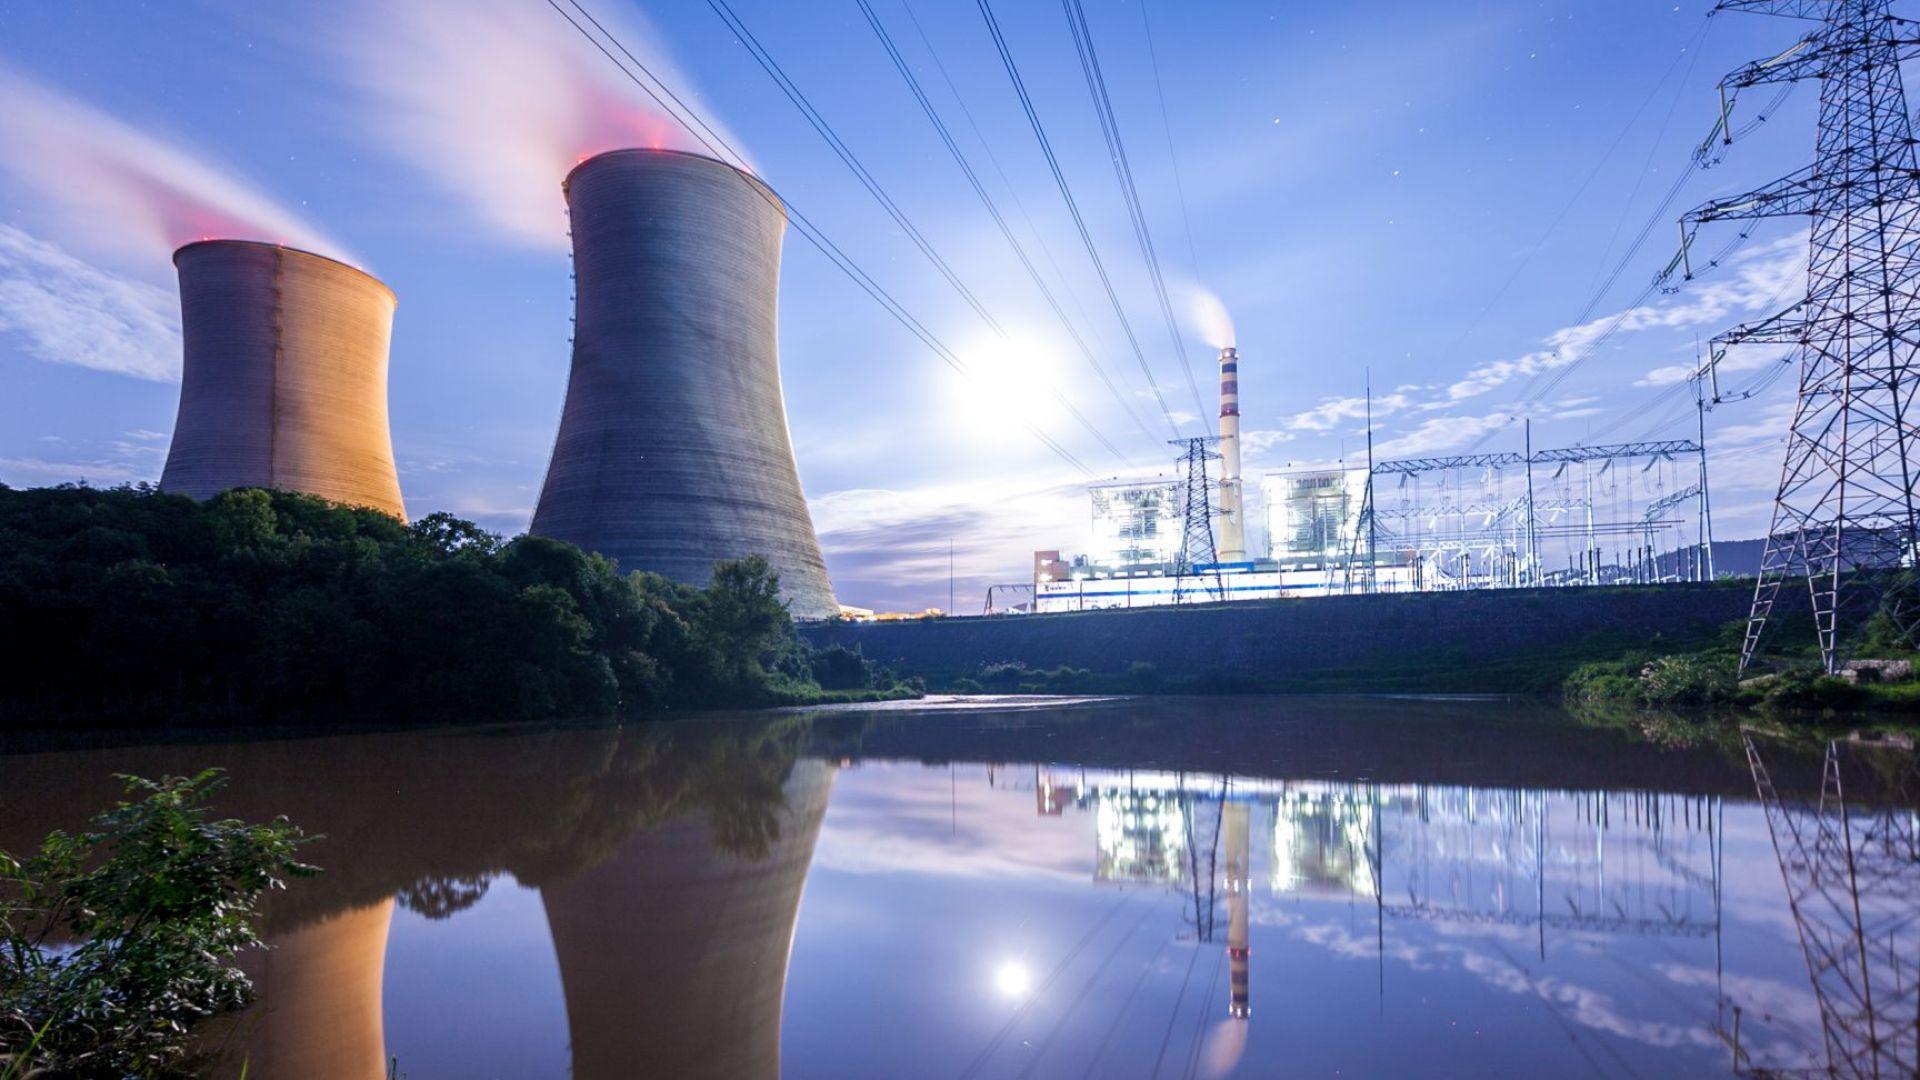 Ще стане ли 2021-а годината на завръщането на здравия разум за ядрената енергия?